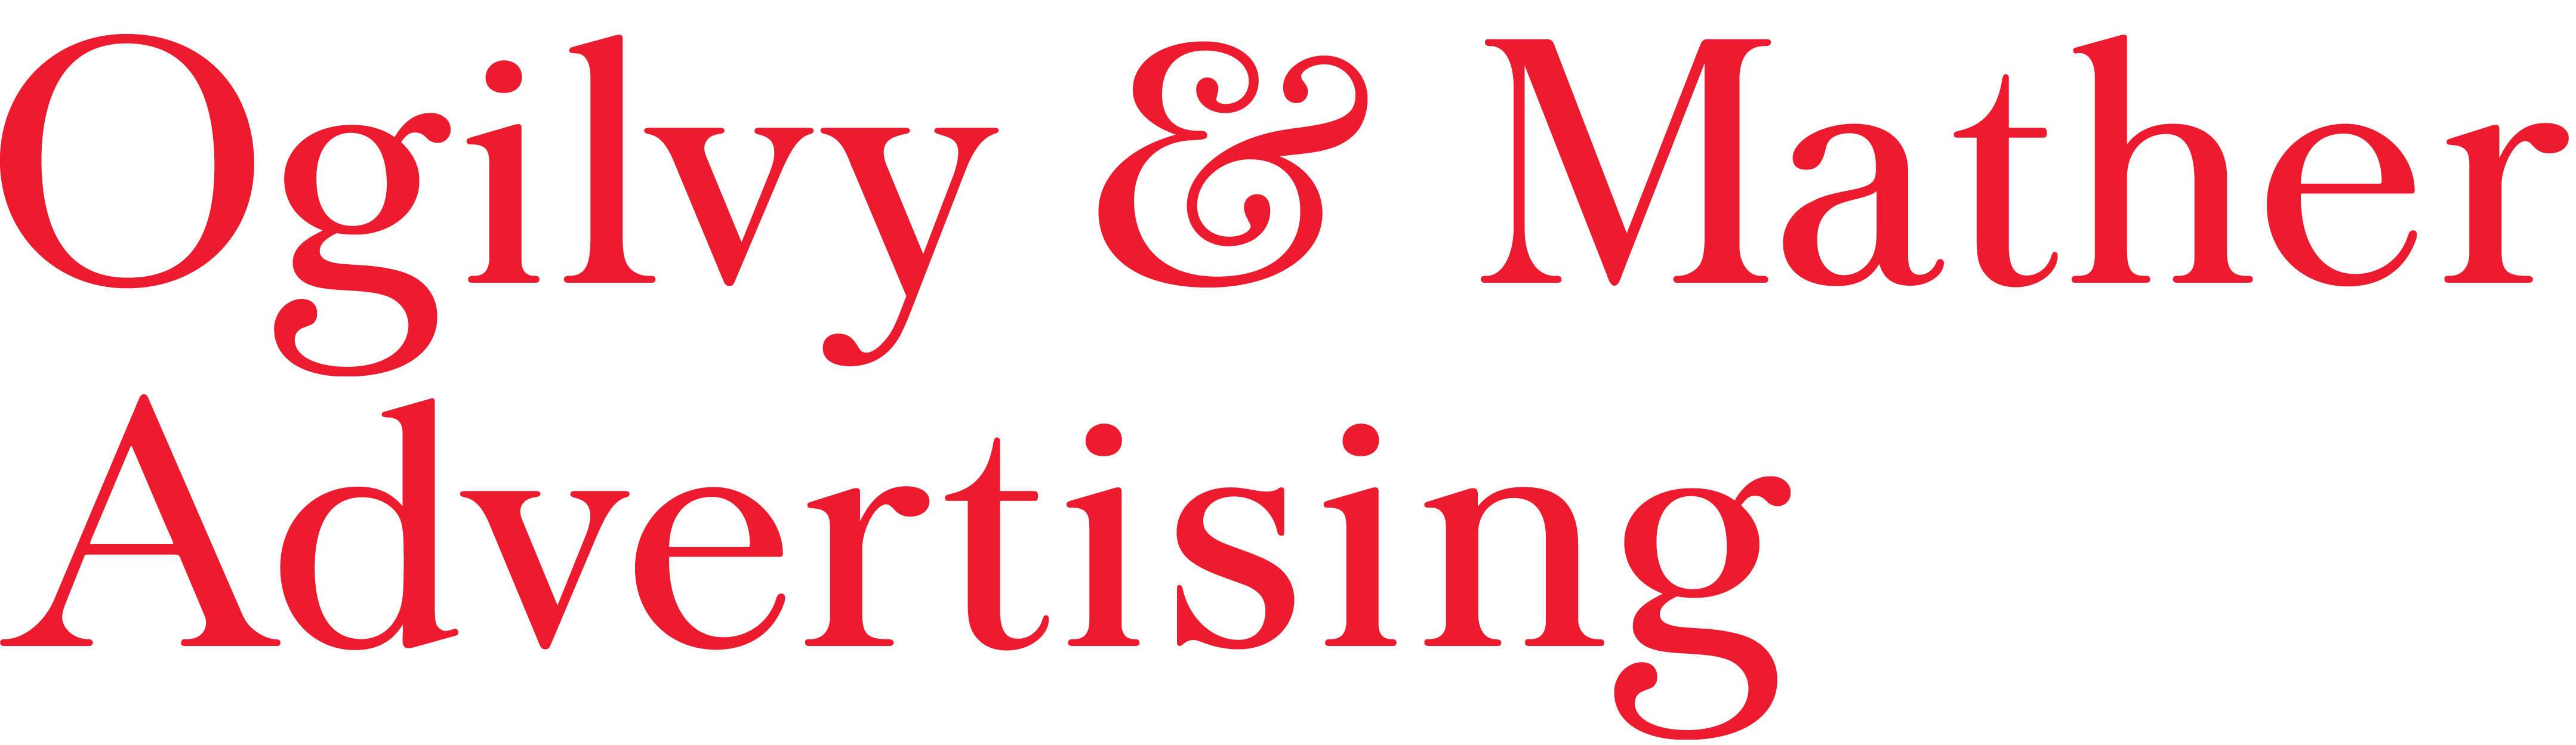 Regional Senior Planner, Ogilvy & Mather Advertising